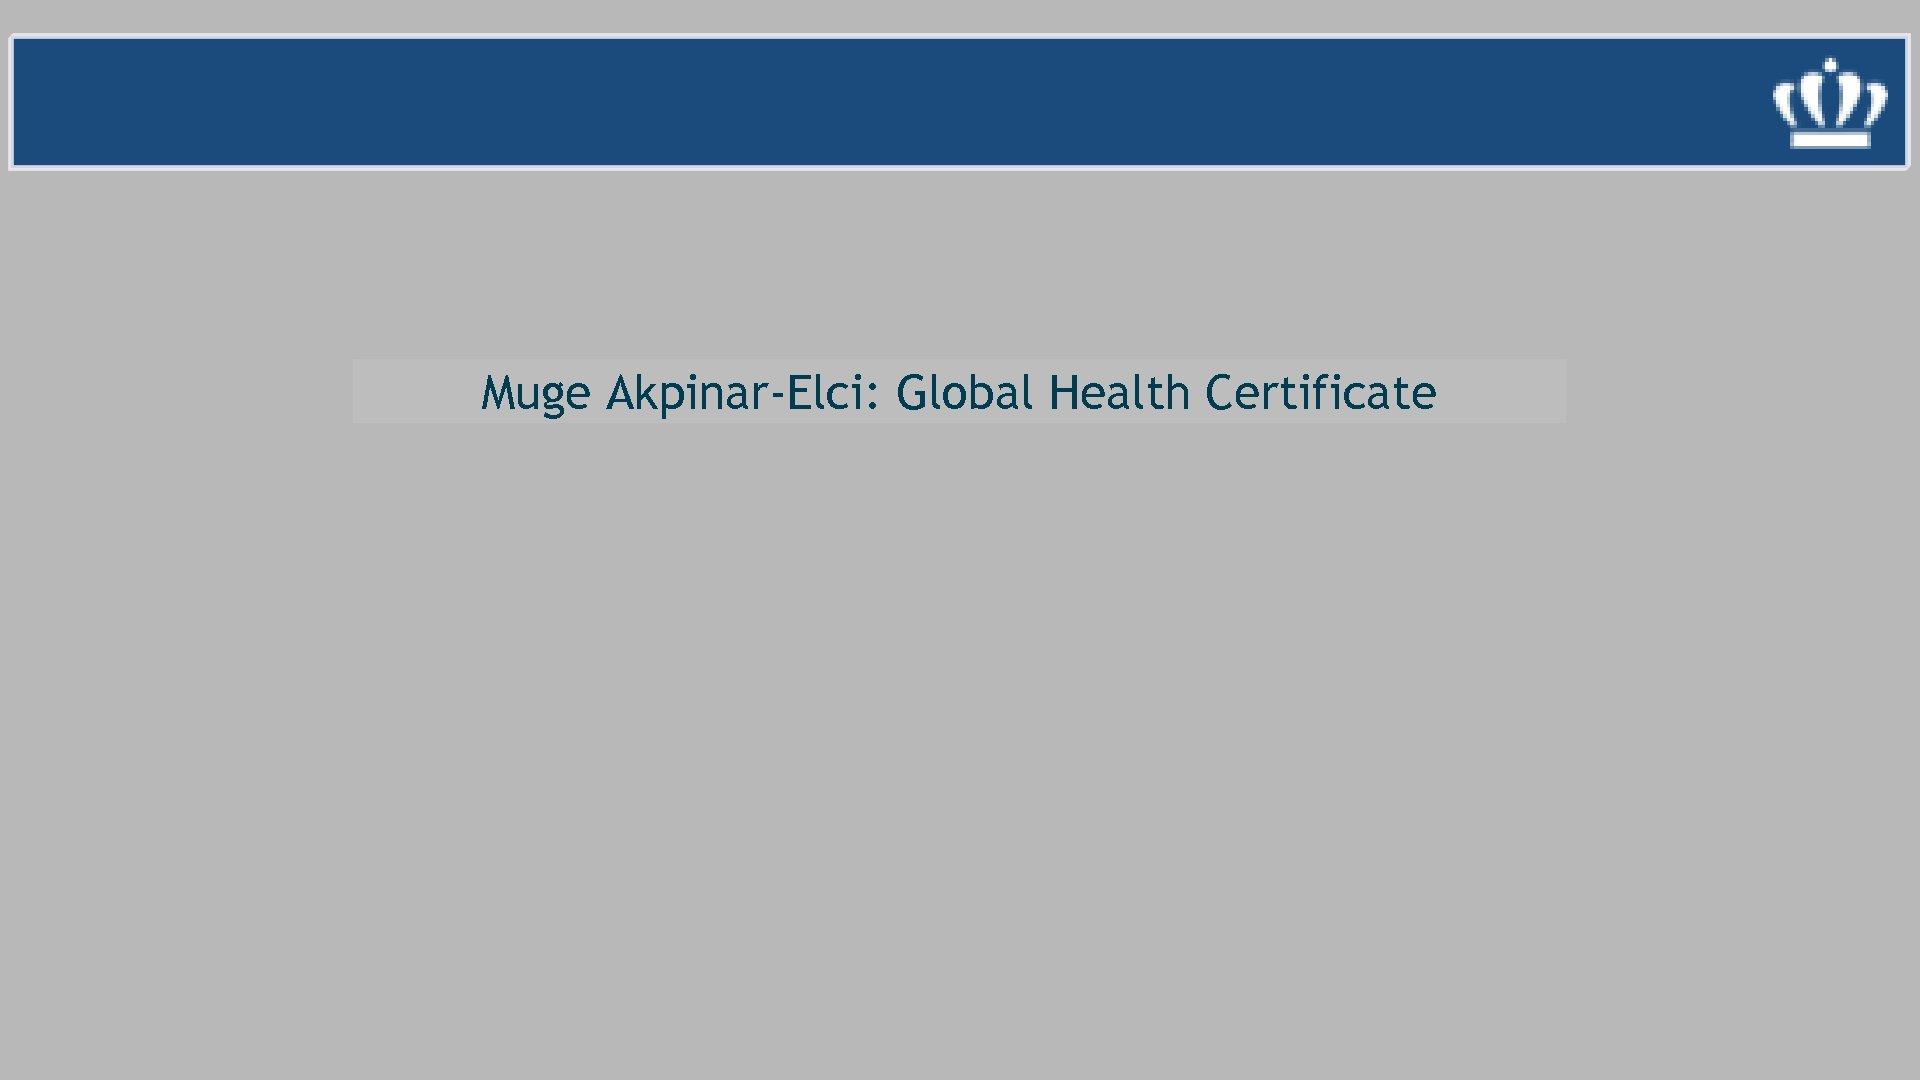 Muge Akpinar-Elci: Global Health Certificate